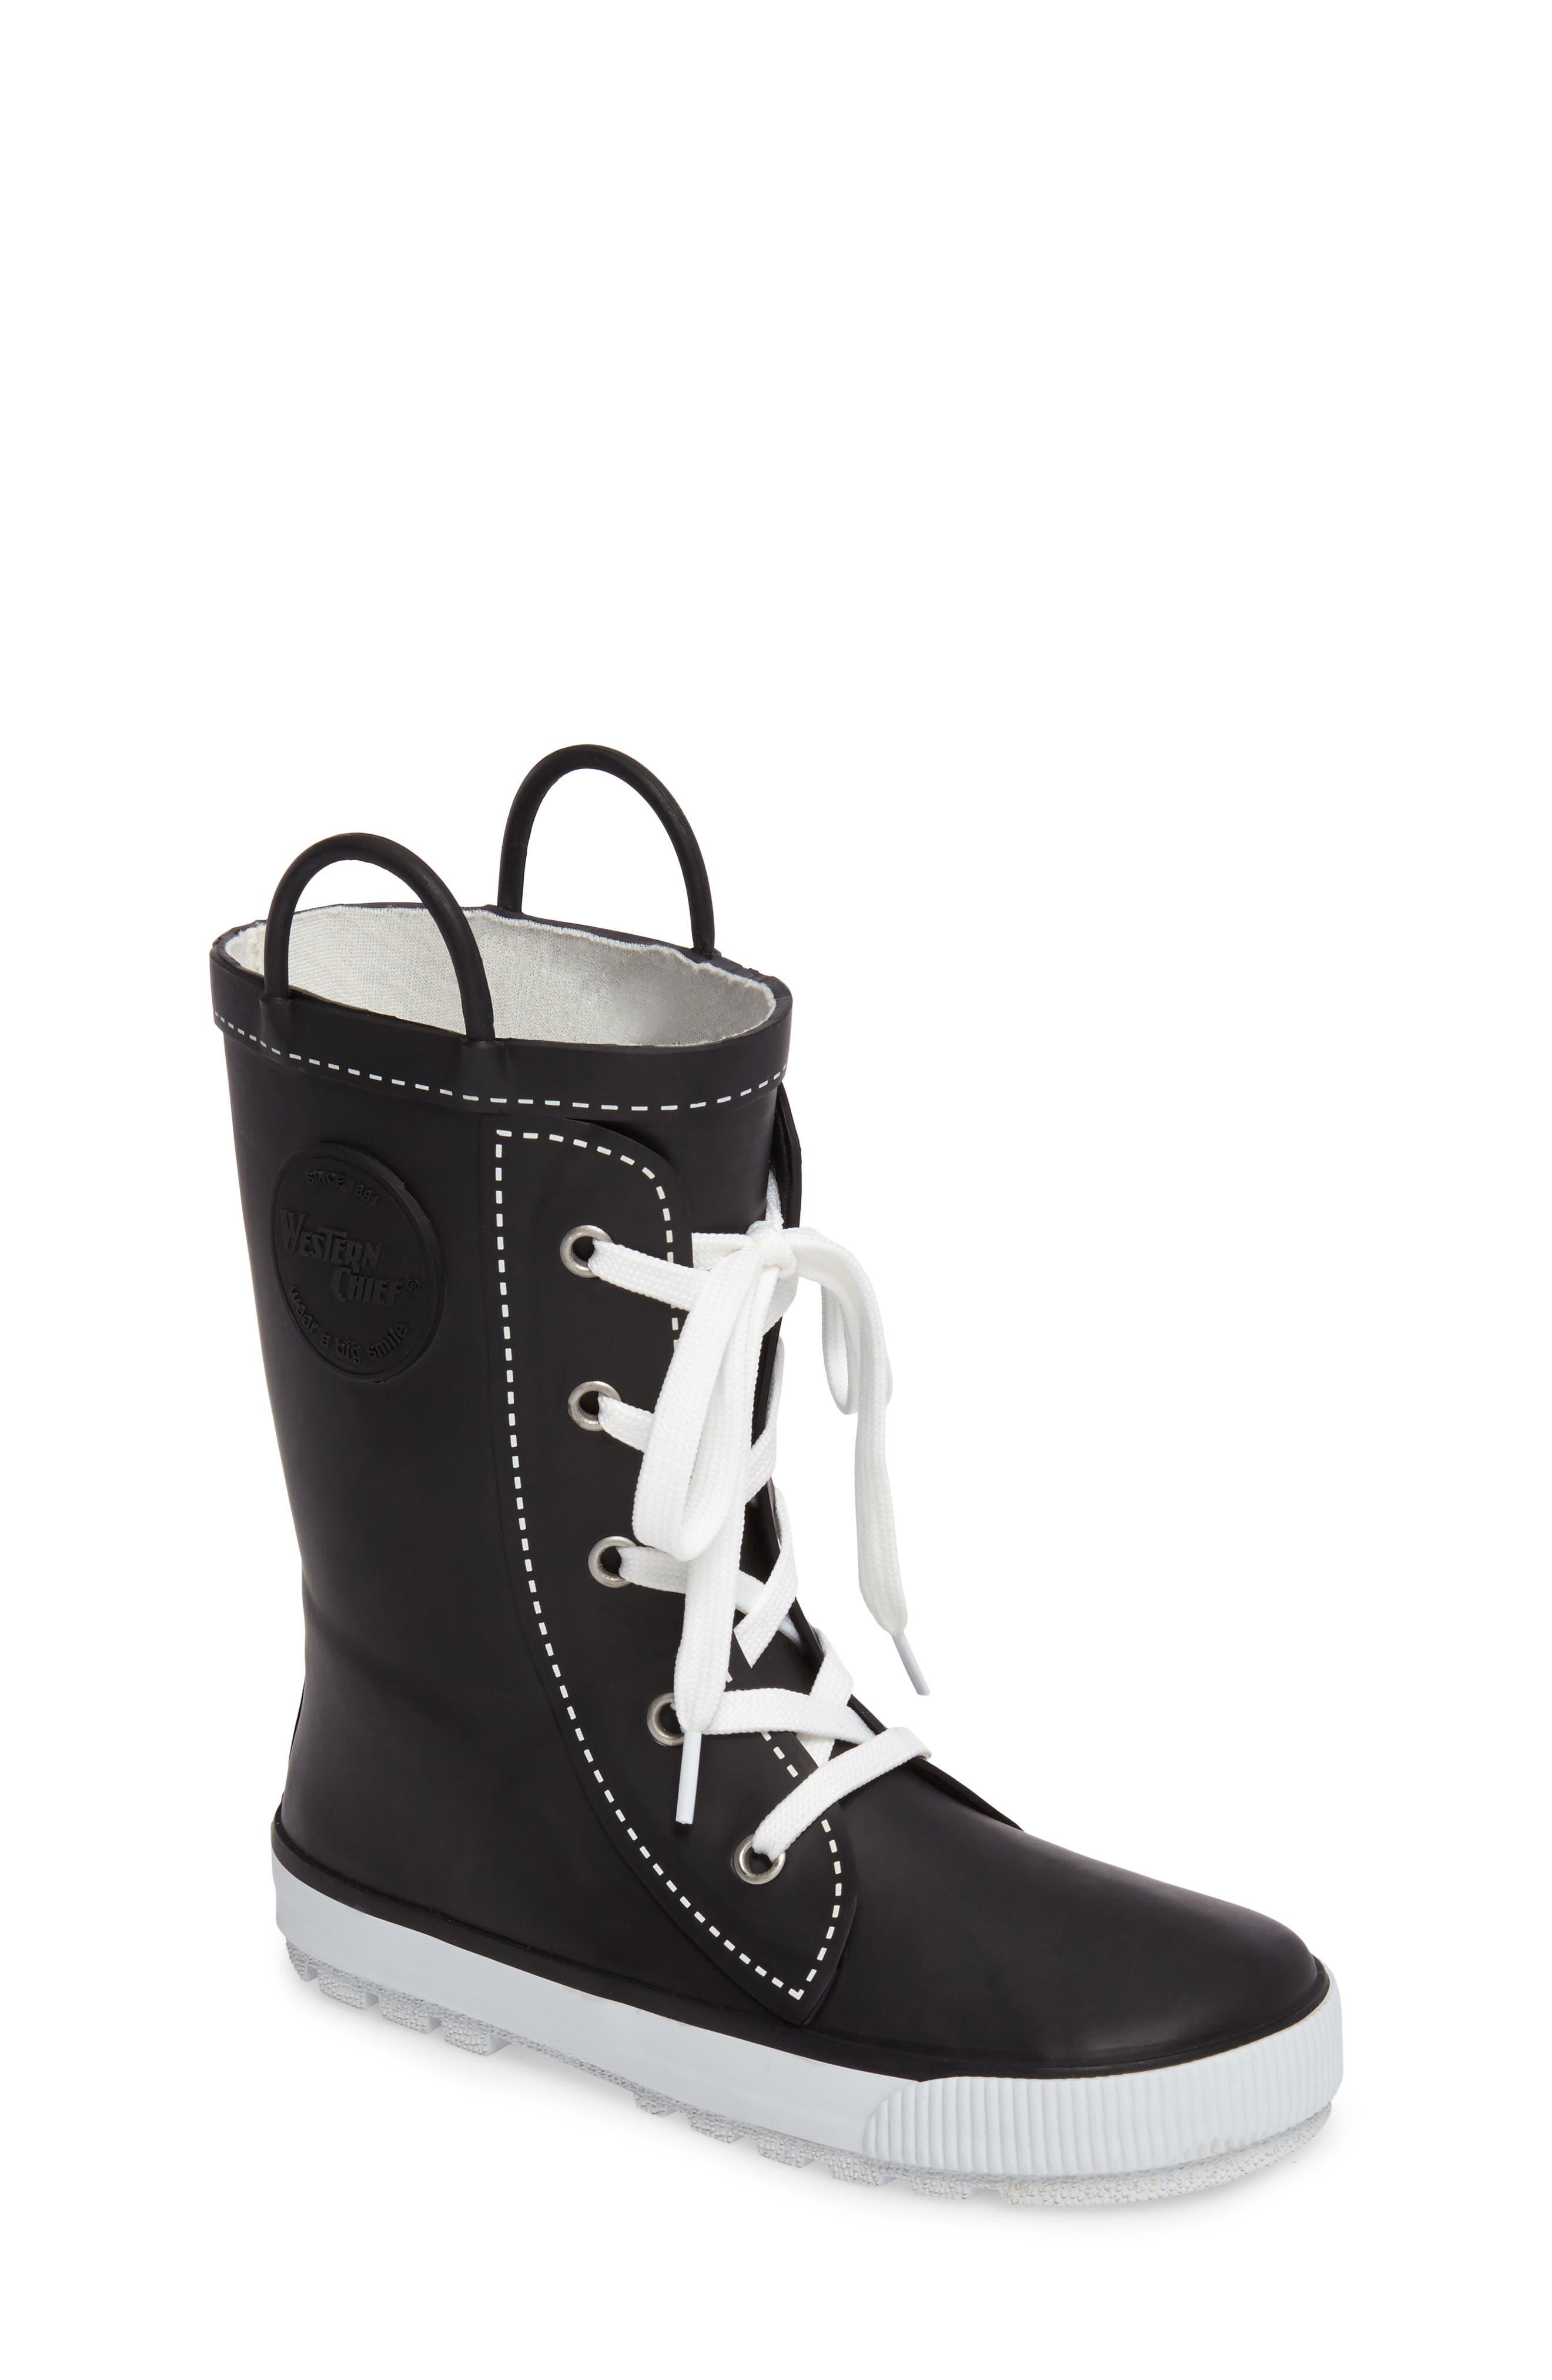 Waterproof Sneaker Rain Boot,                         Main,                         color, 001